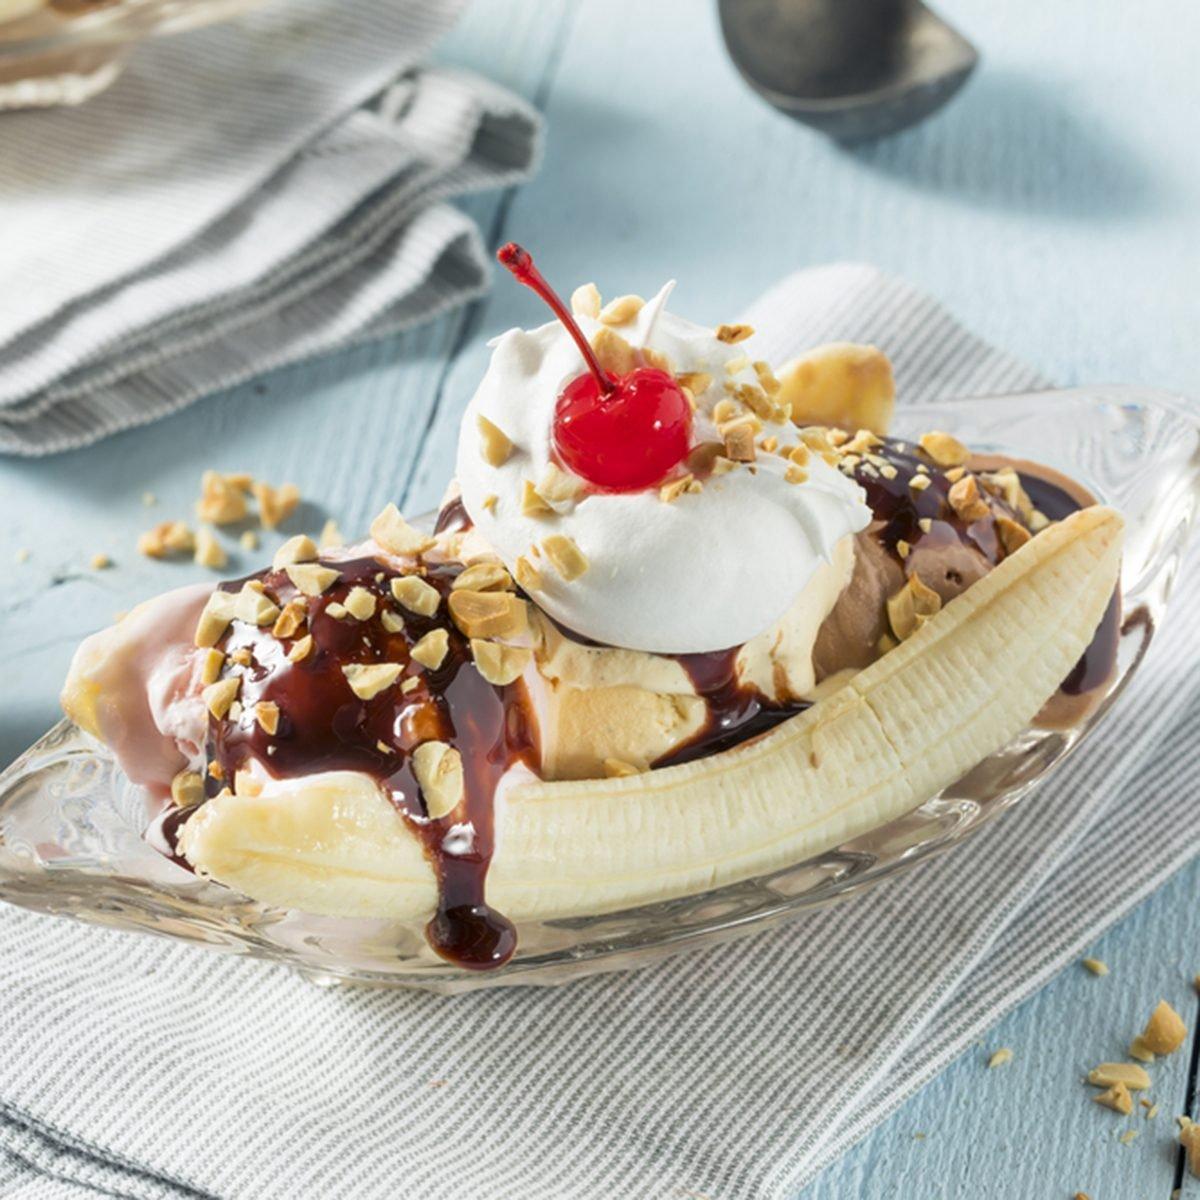 Sweet Homemade Banana Split Sundae with Chocolate Vanilla Strawberry Ice Cream